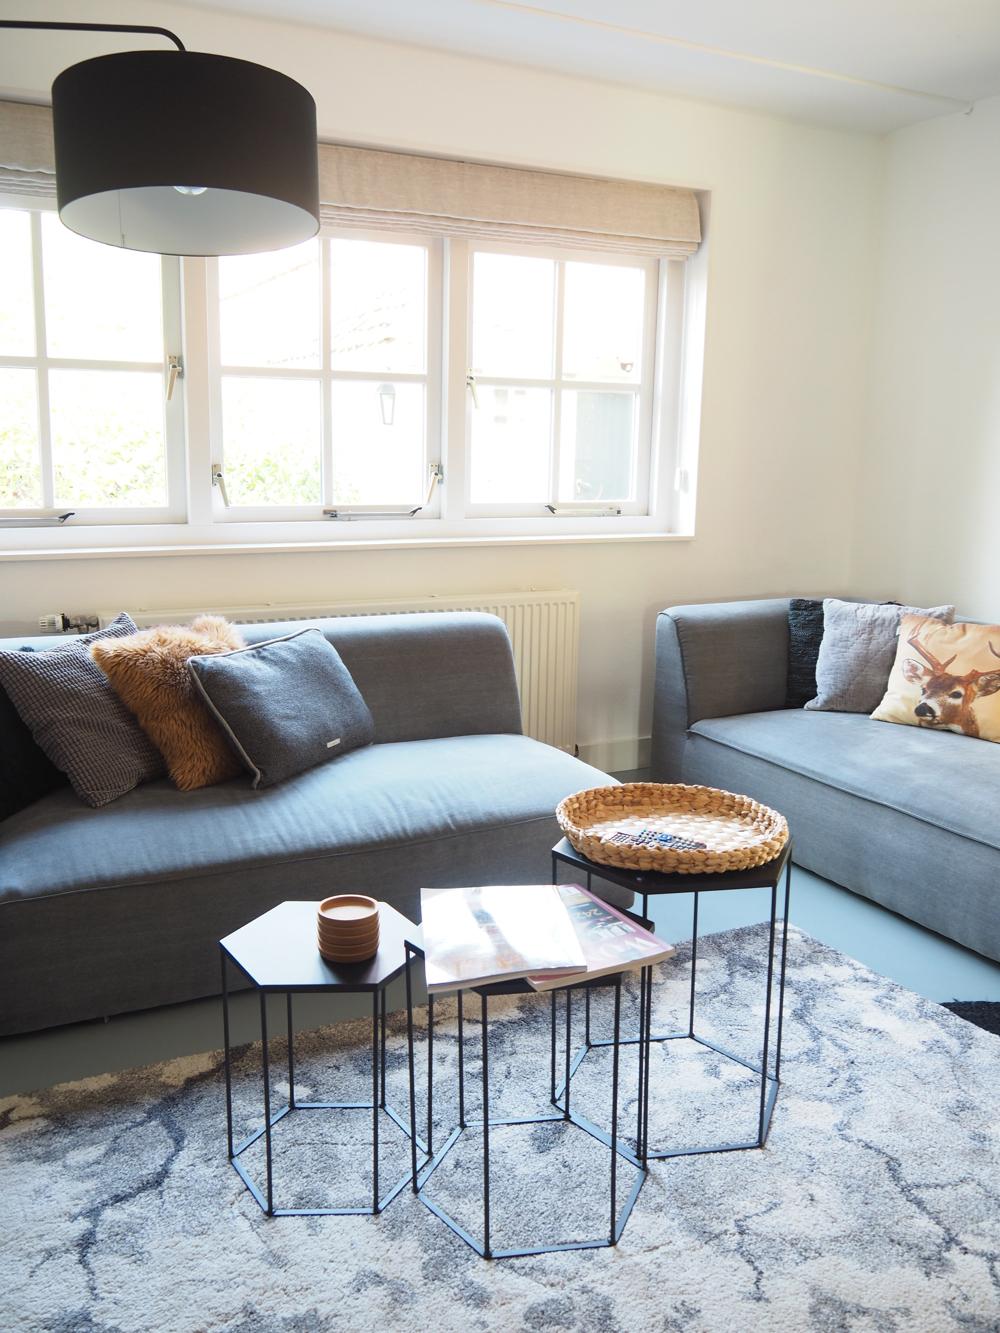 Woonkamer met twee grijze banken, kleine salontafels en een kleed, in Scandinavische sfeer.